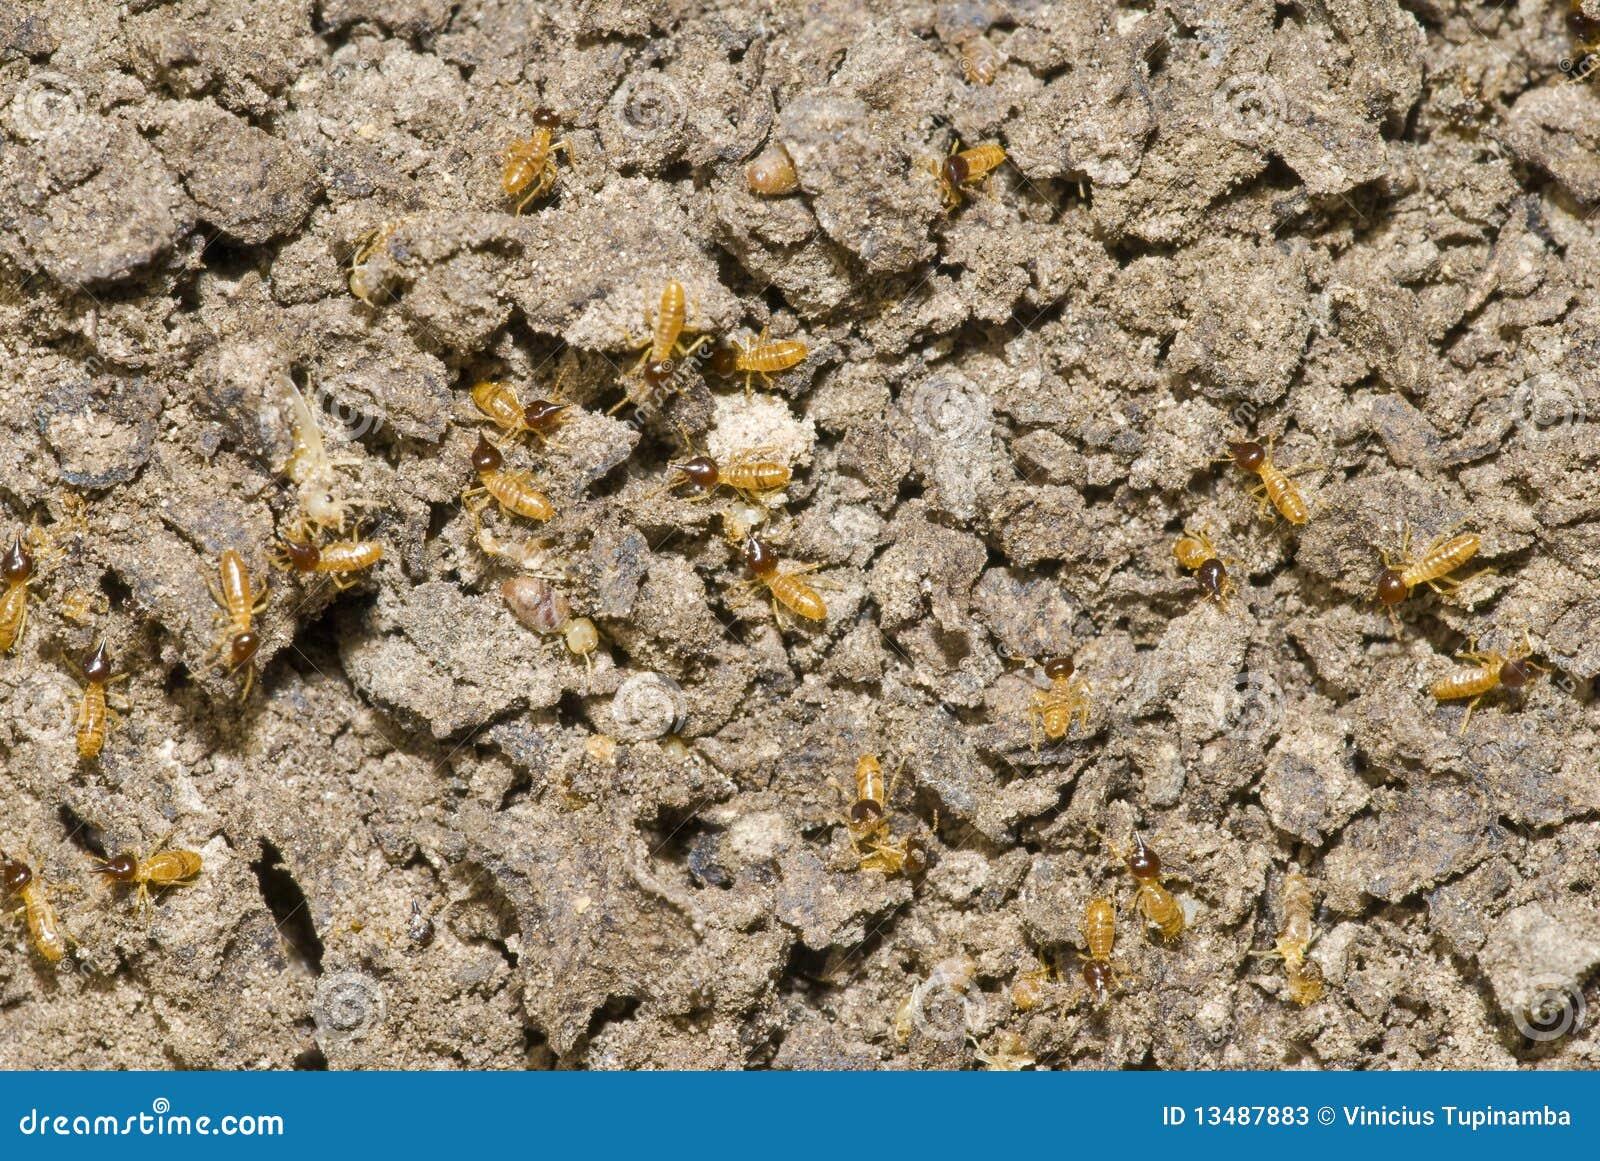 Colônia das térmitas